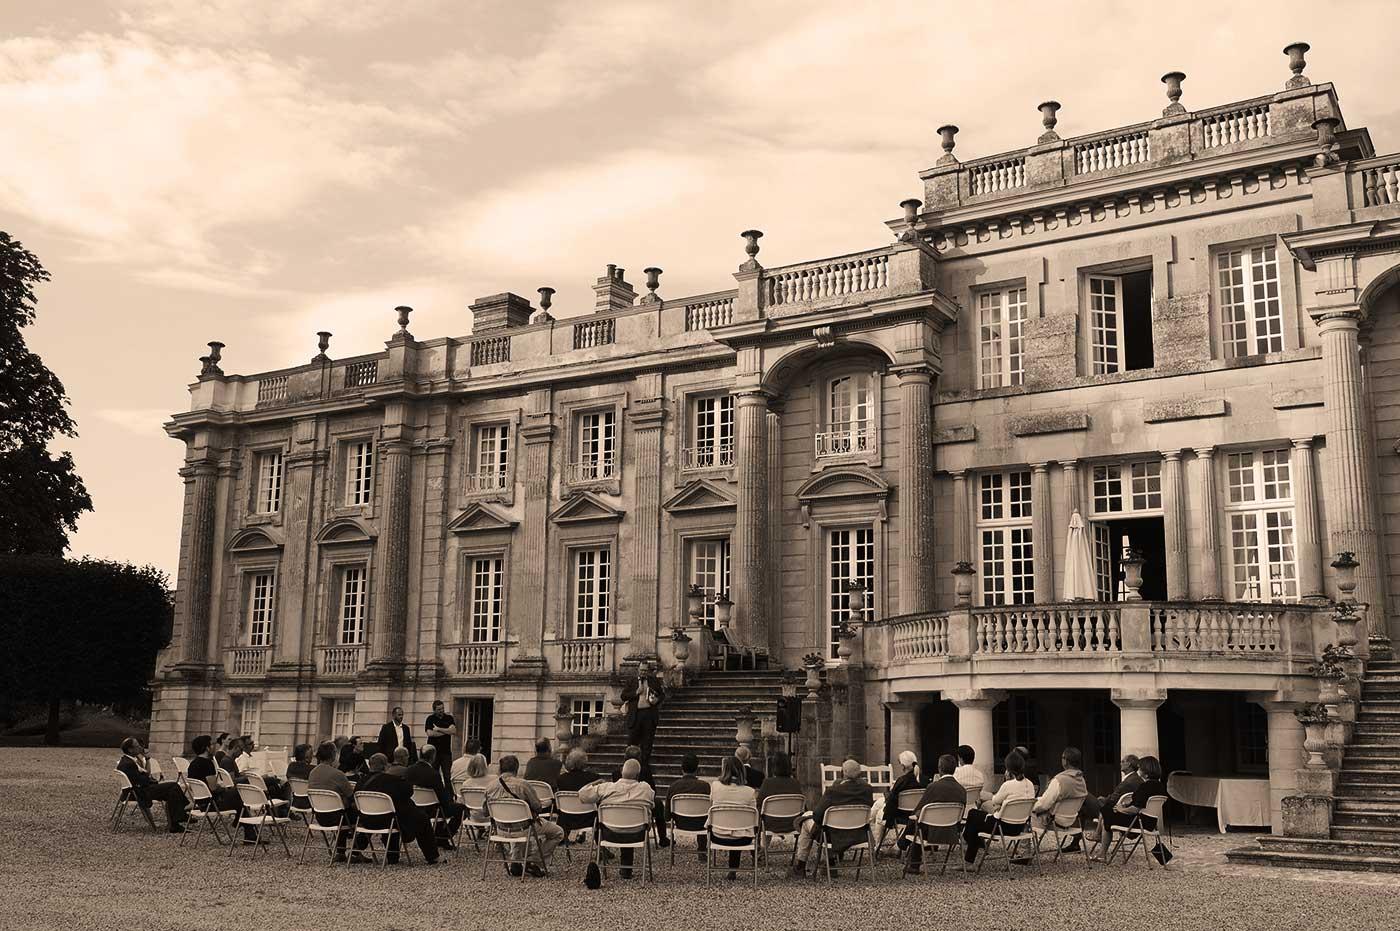 château de Versigny, inauguration livre, histoire, archéologie, architecture, paysage, tourisme Valois